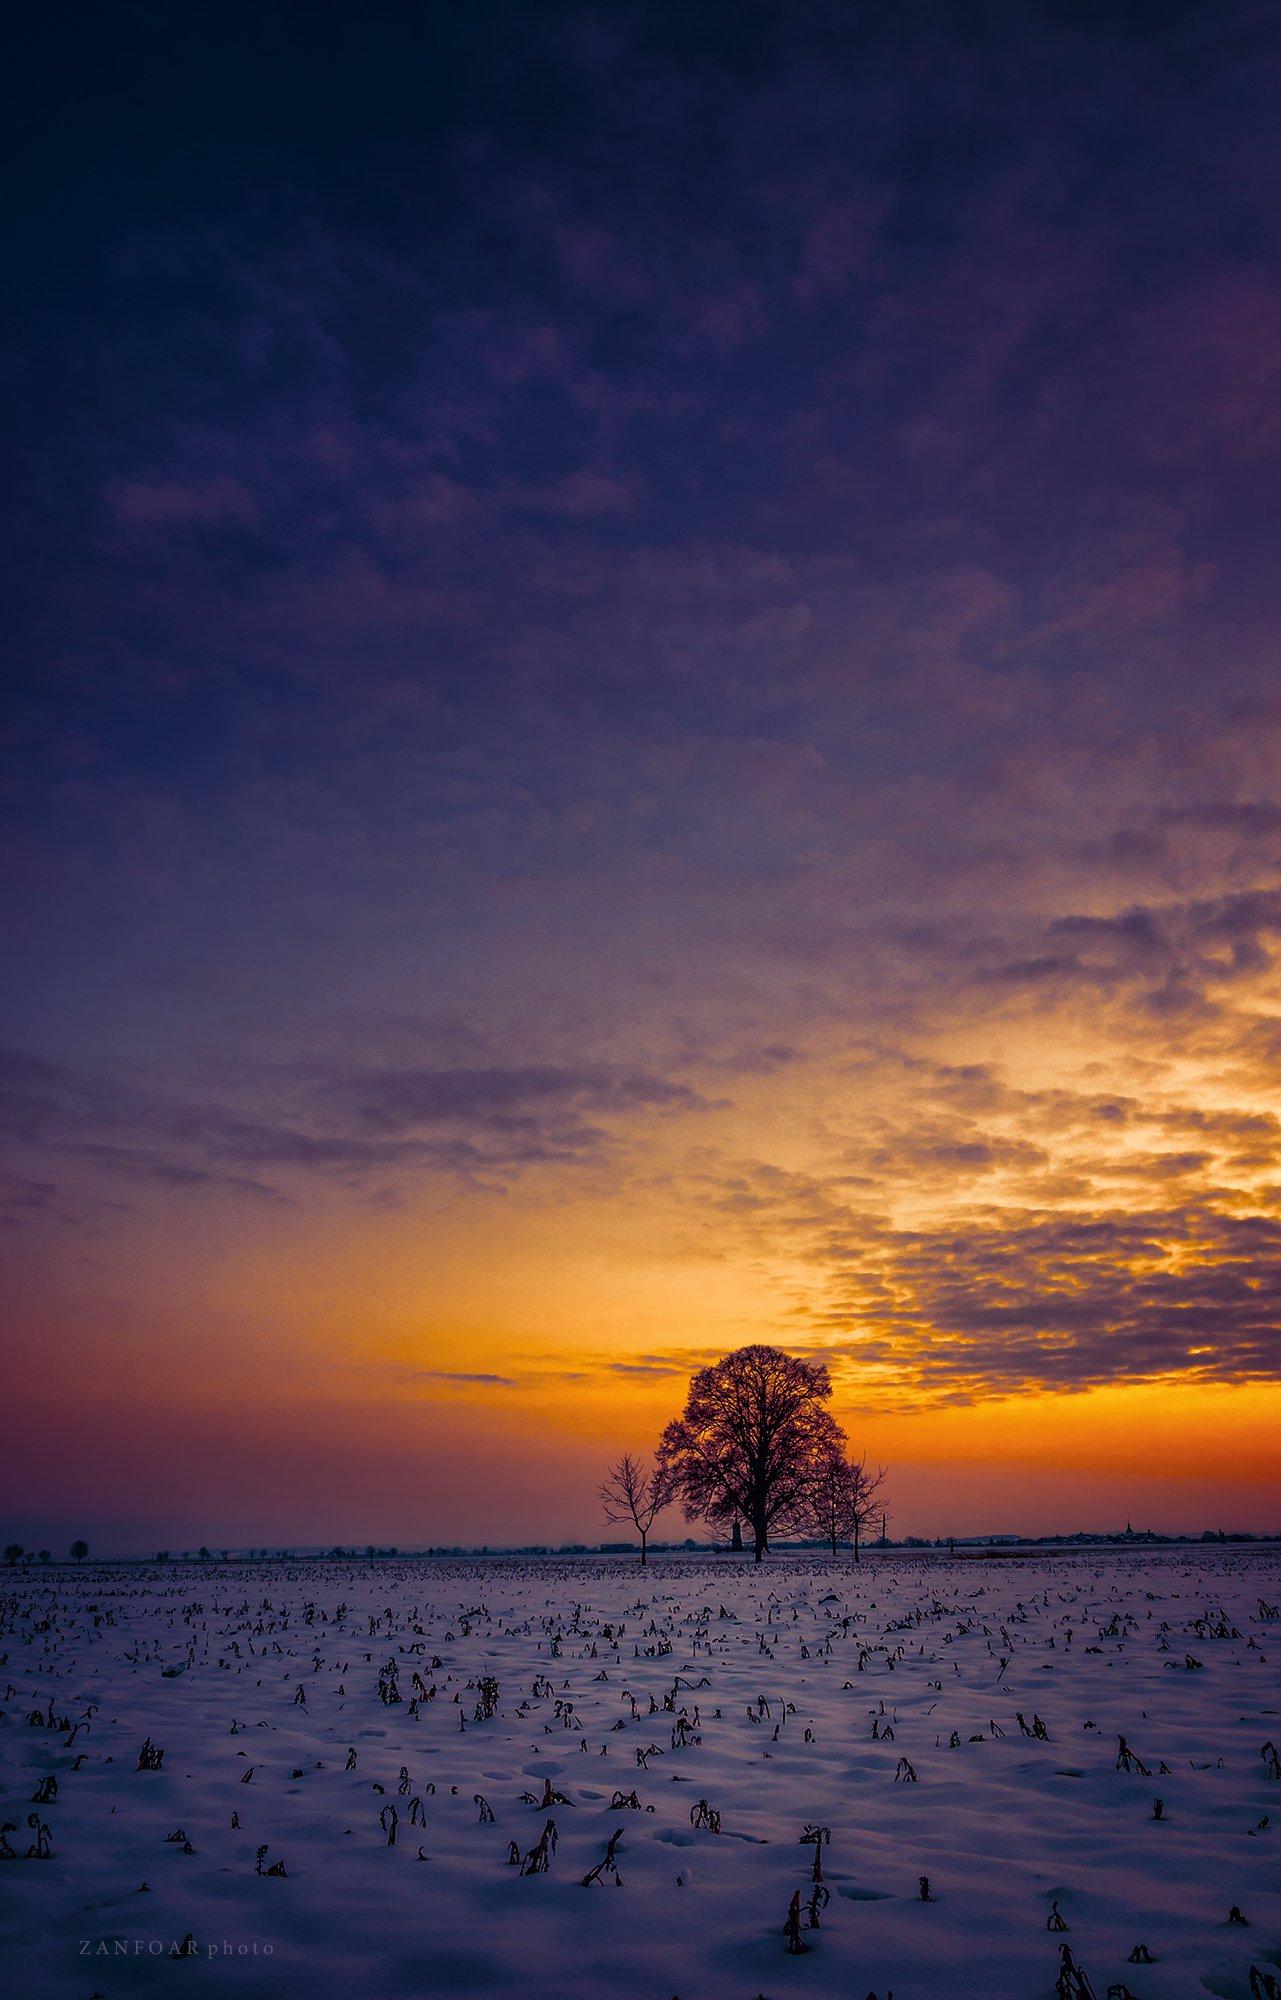 после заката, закат,после заката, поле, зима, снег, дерево, горизонт, облака, цвета, zanfoar, чешская республика, nikon d7000, Zanfoar